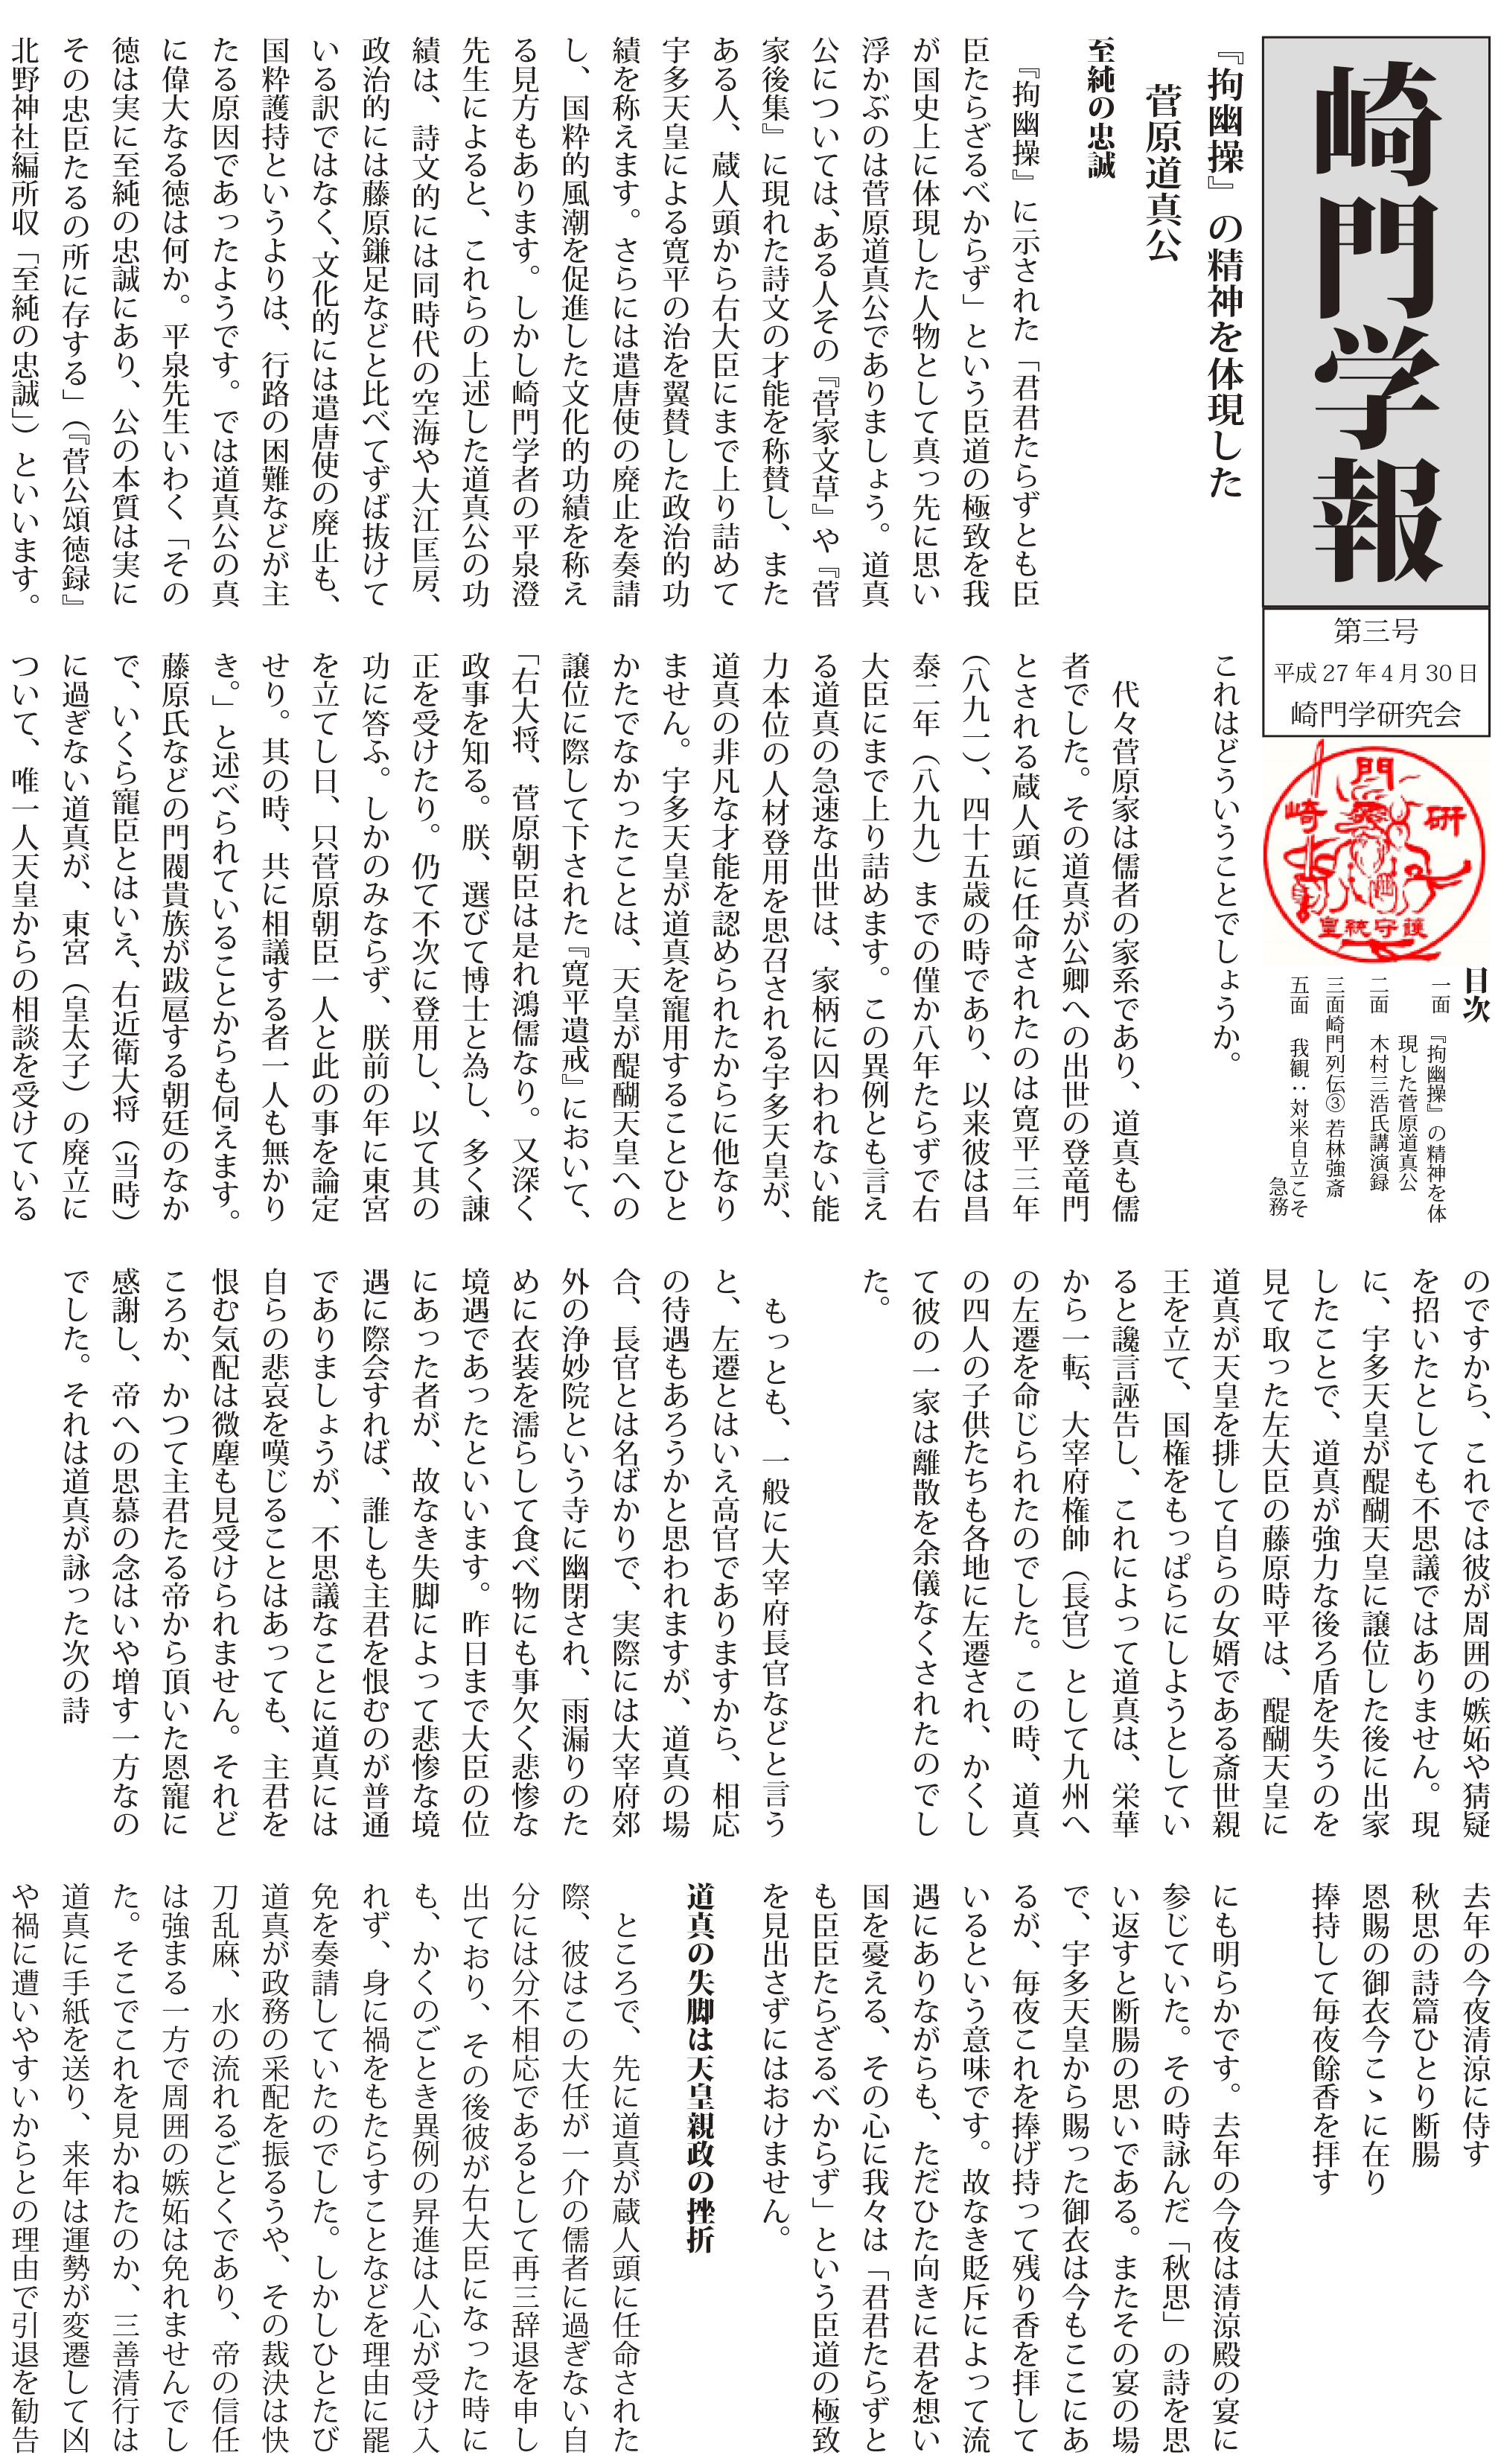 『崎門学報』第3号・ダウンロード販売